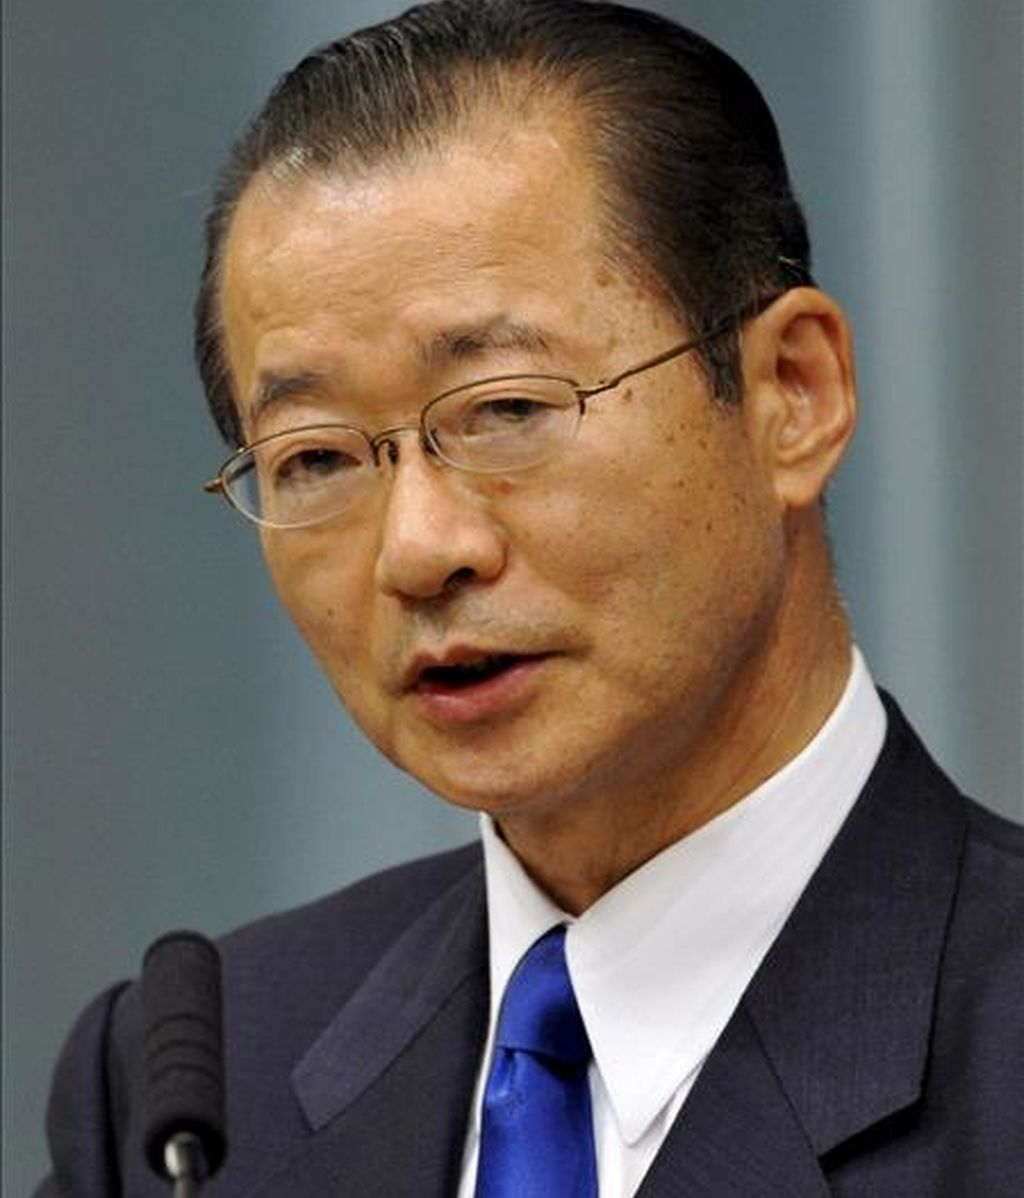 El ministro portavoz nipón, Takeo Kawamura. EFE/Archivo